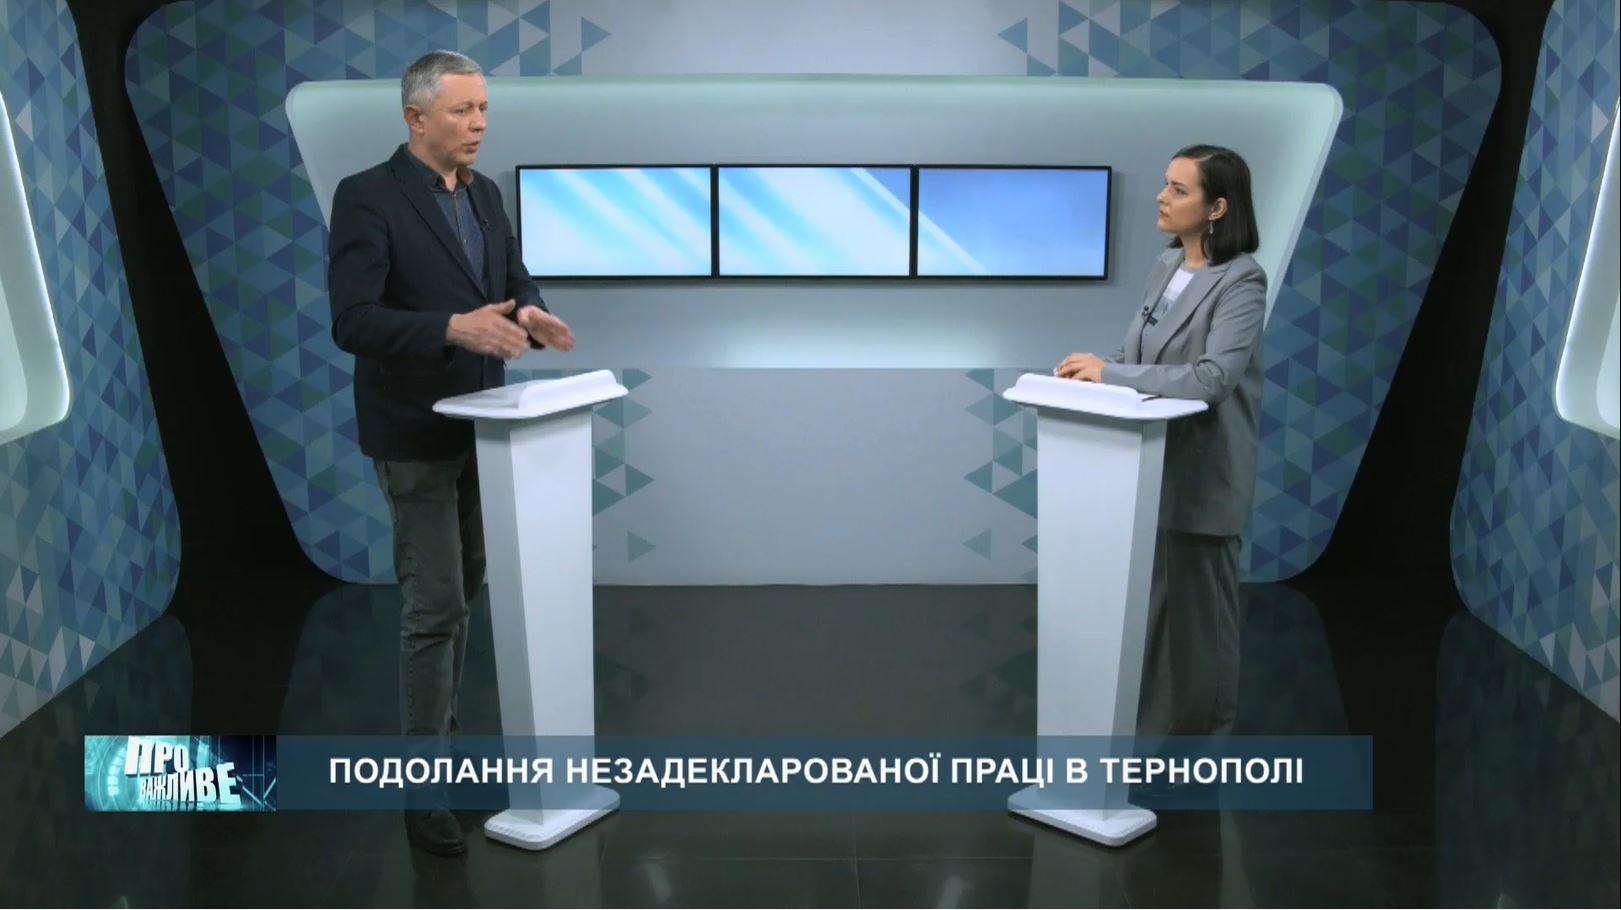 «Про важливе». Подолання незадекларованої праці в Тернополі